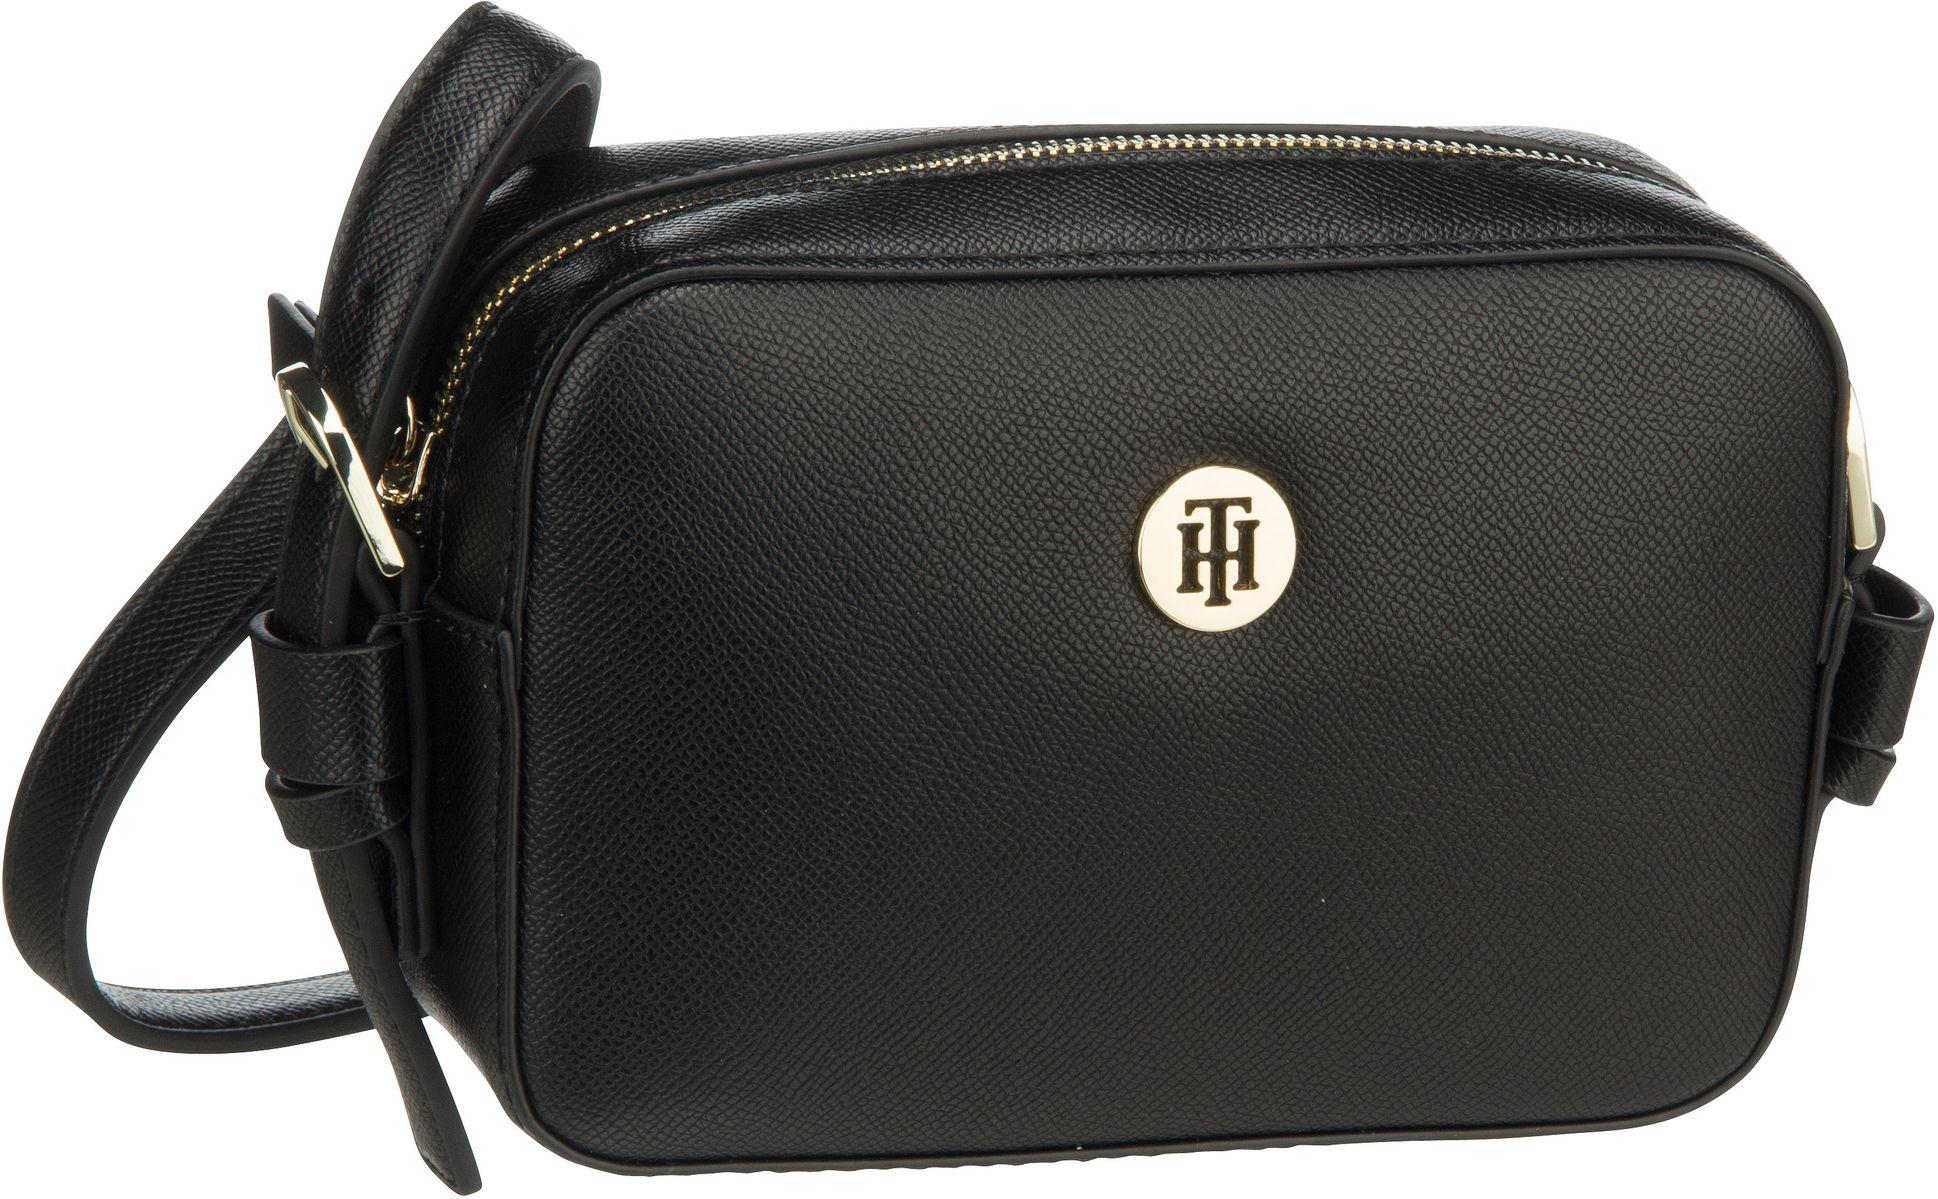 Umhängetasche Classic Saffiano Camera Bag PSP20 Black